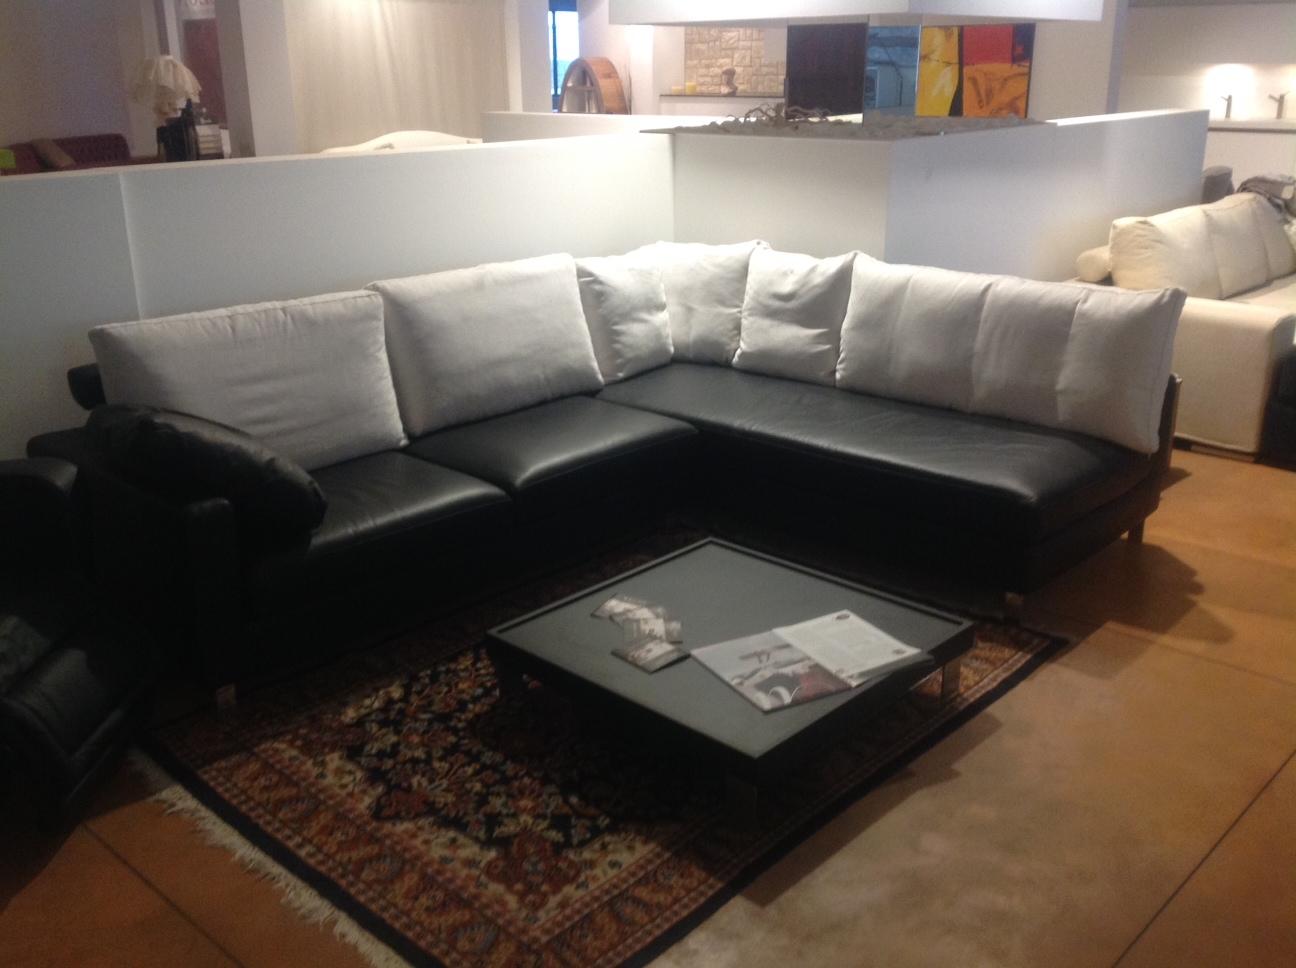 Divano corinto nikita divano angolare divani a prezzi for Divano bicolore